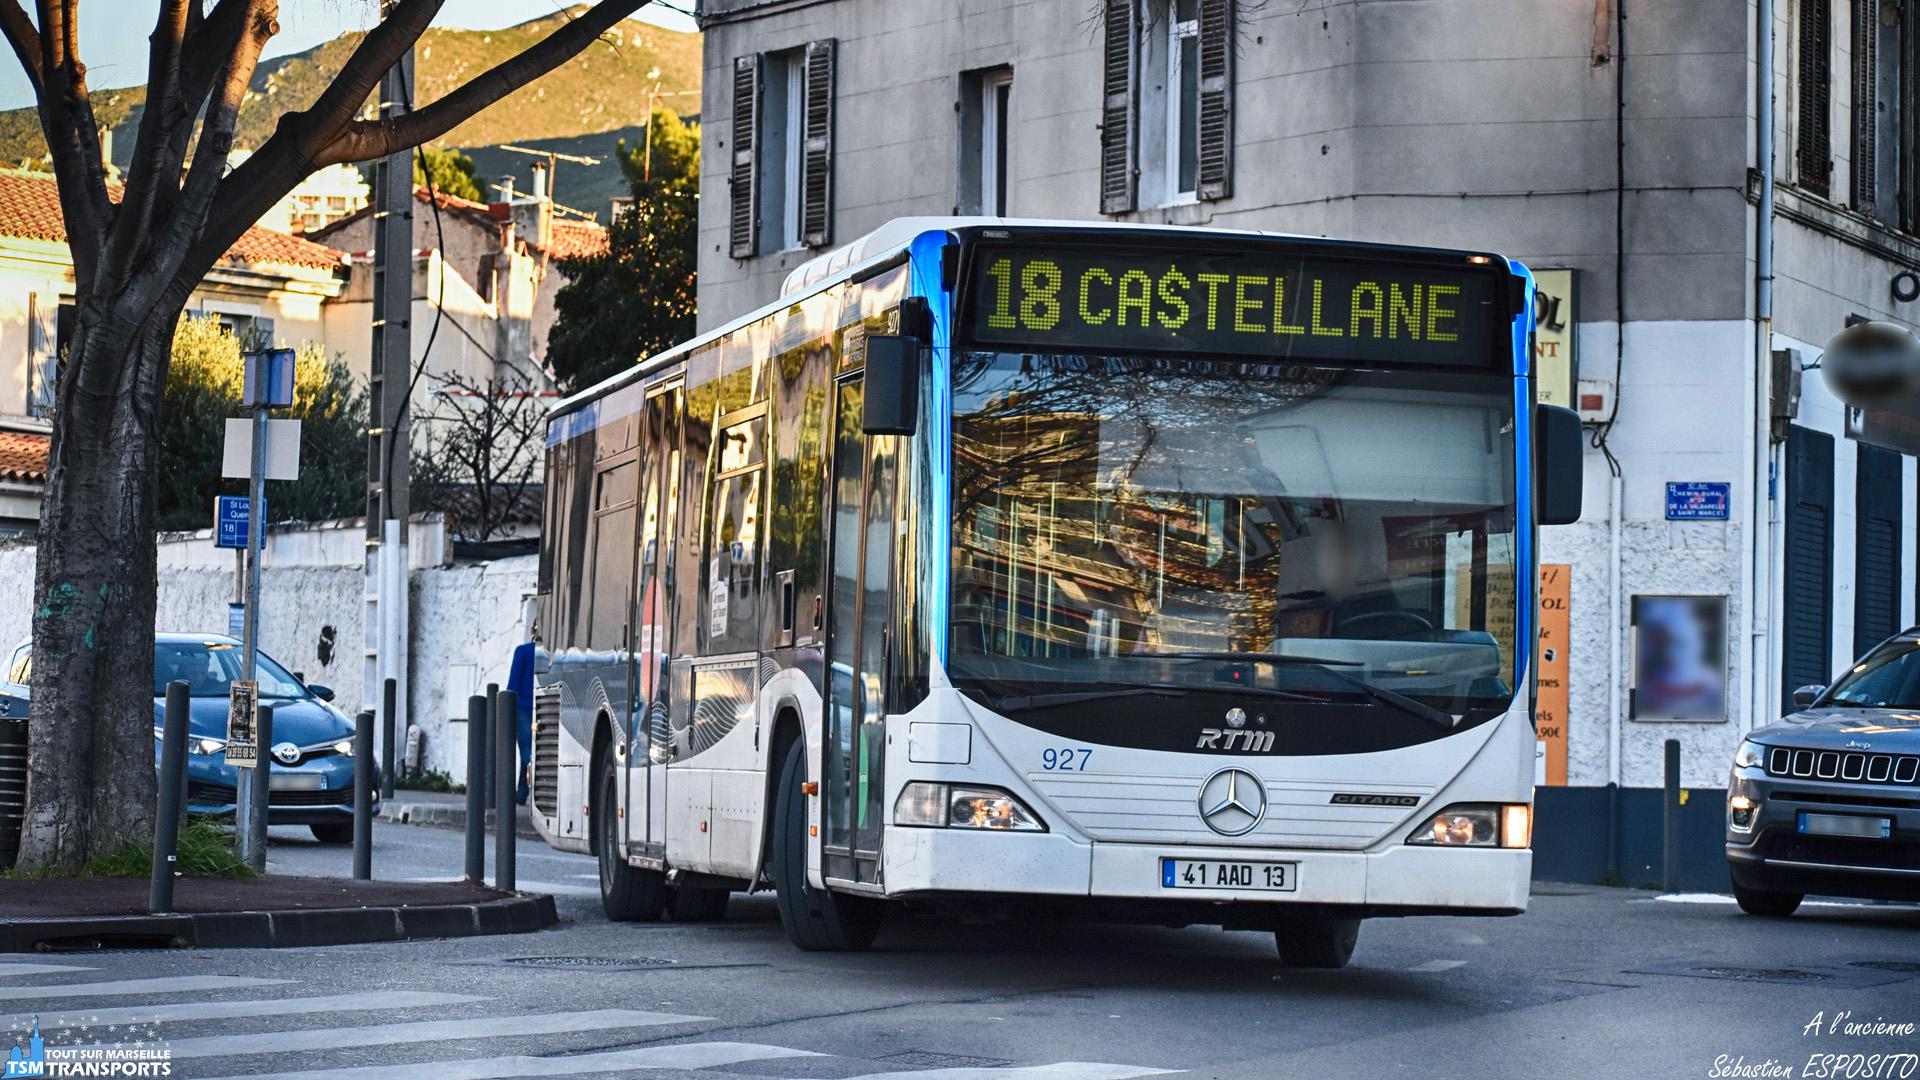 Quoi de mieux que de contempler ces Citaro premier du nom, négocié les multiples carrefours qui composent la ligne 18. . C'est au tour du 927 de s'élancer sur le Boulevard de Saint Loup en direction de Castellane. . ℹ️ Mercedes Benz Citaro 1 RTM n°927. . 📍 Boulevard de Saint Loup au niveau du lycée Marcel Pagnol, 10eme arrondissement de Marseille. . ↔️ 18 : Castellane - Le Bosquet. . 📸 Nikon D5600. . 📷 Nikkor 70-300mm. . 📅 2 Janvier 2019 à 16:28. . 👨 Sébastien ESPOSITO.